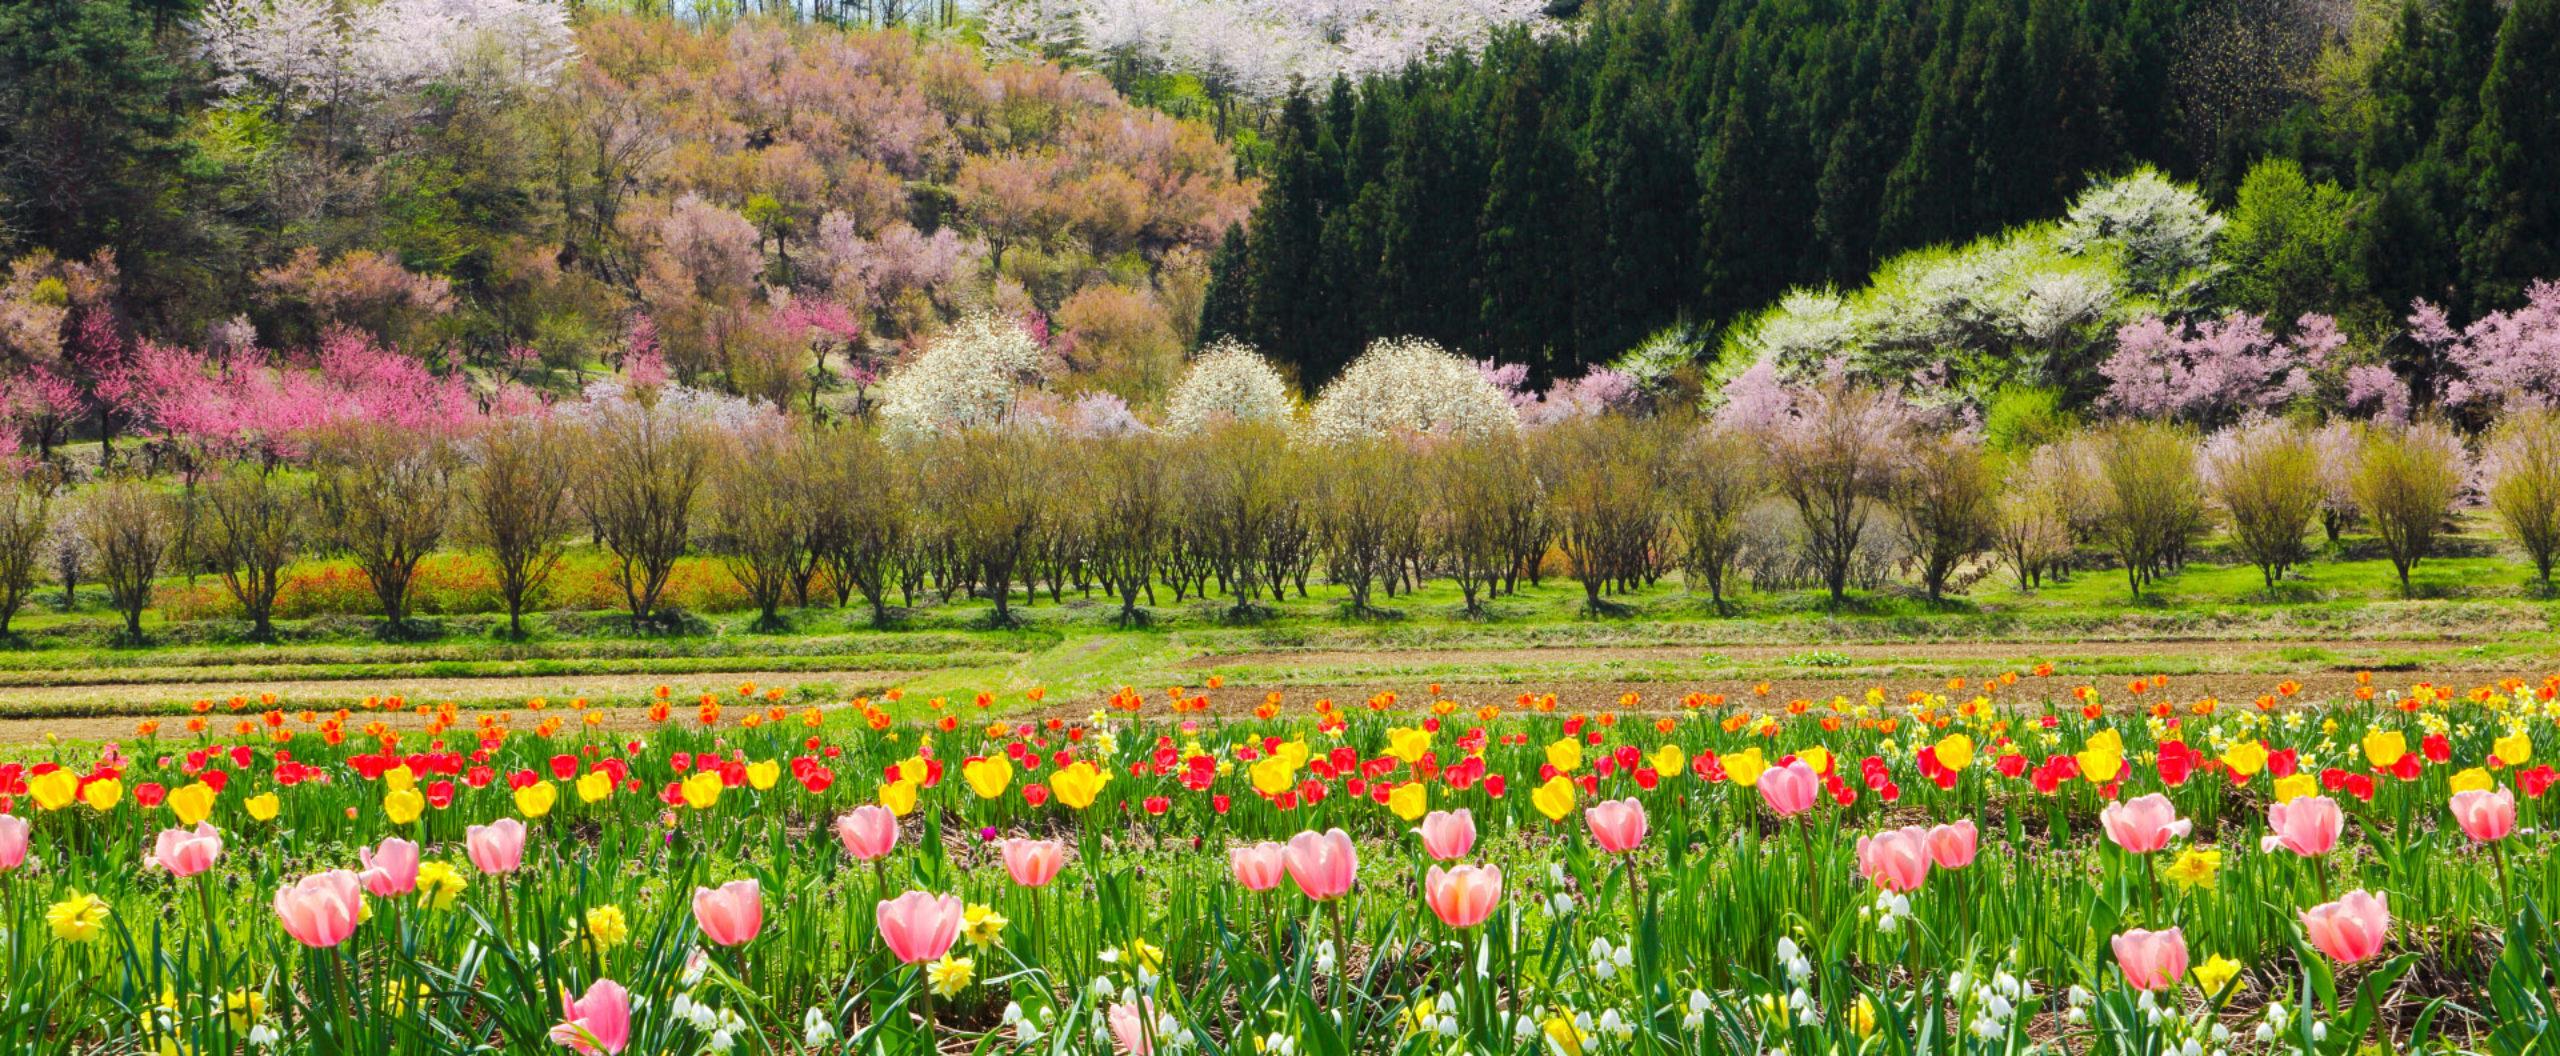 山々の緑と池や田園風景豊かな自然に恵まれた町